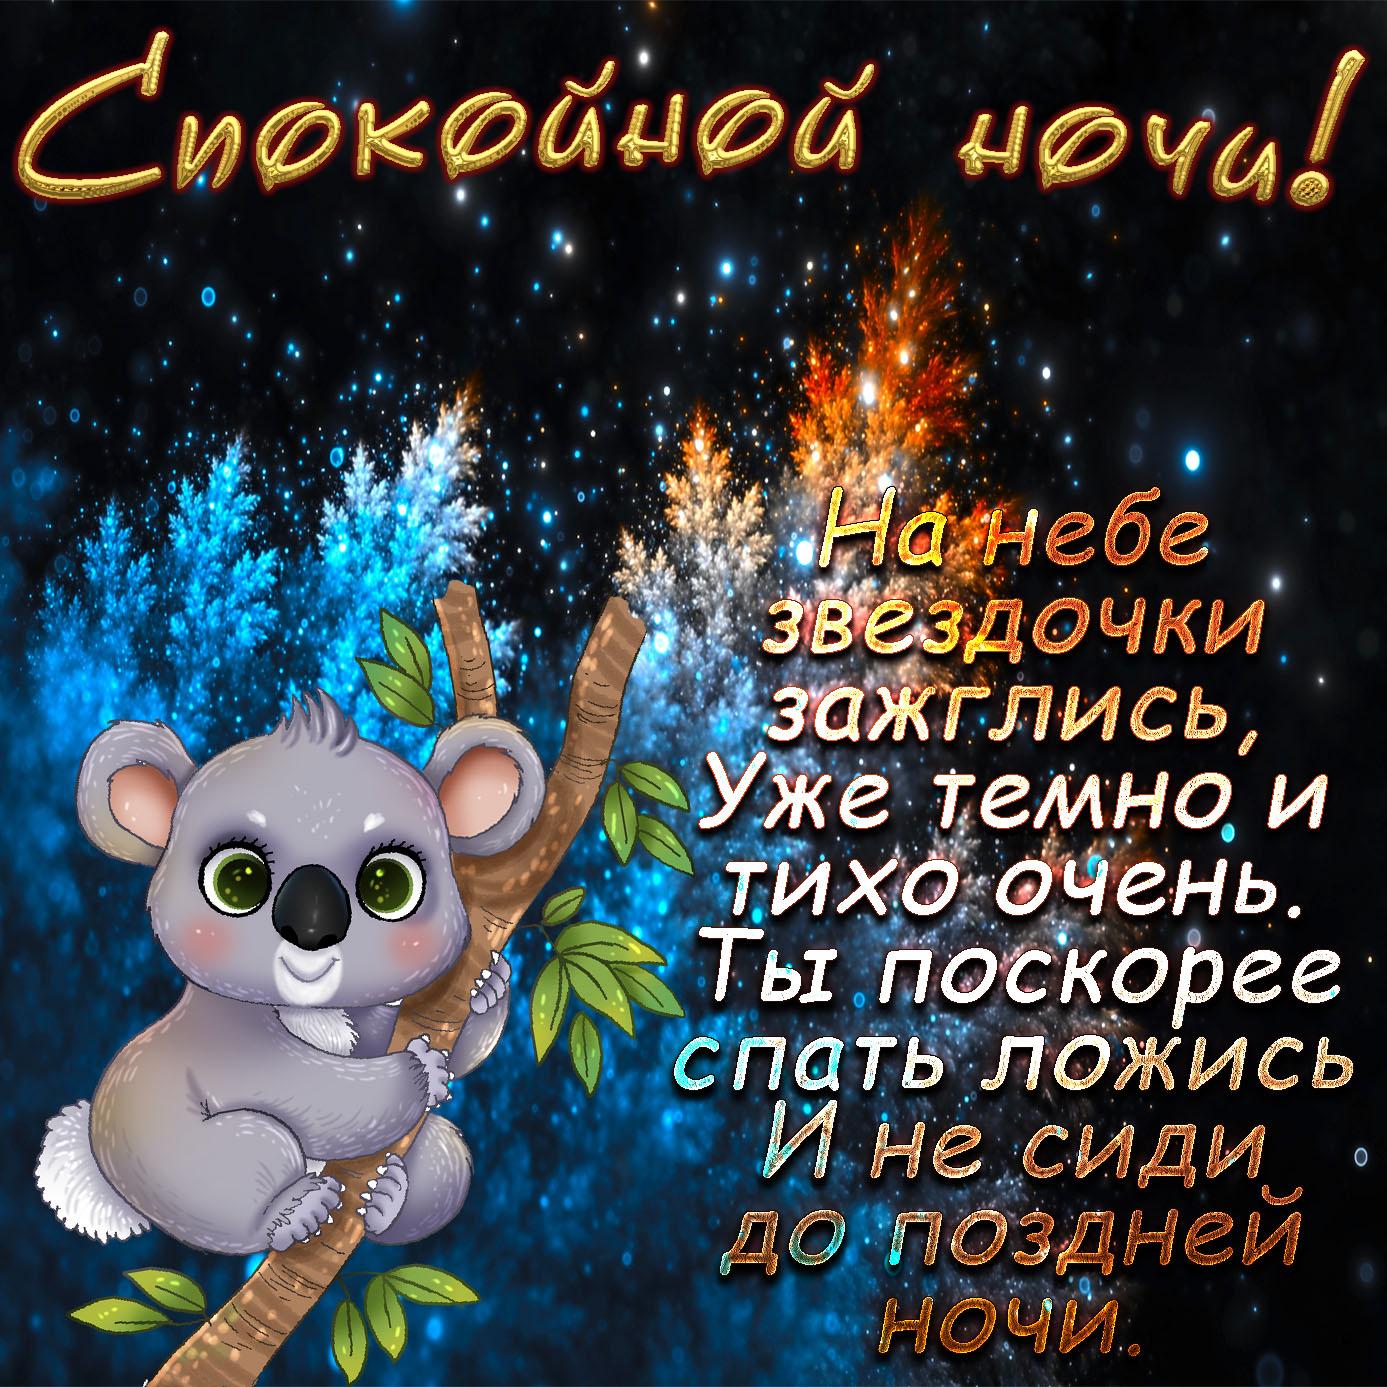 Открытки пожеланием доброй ночи